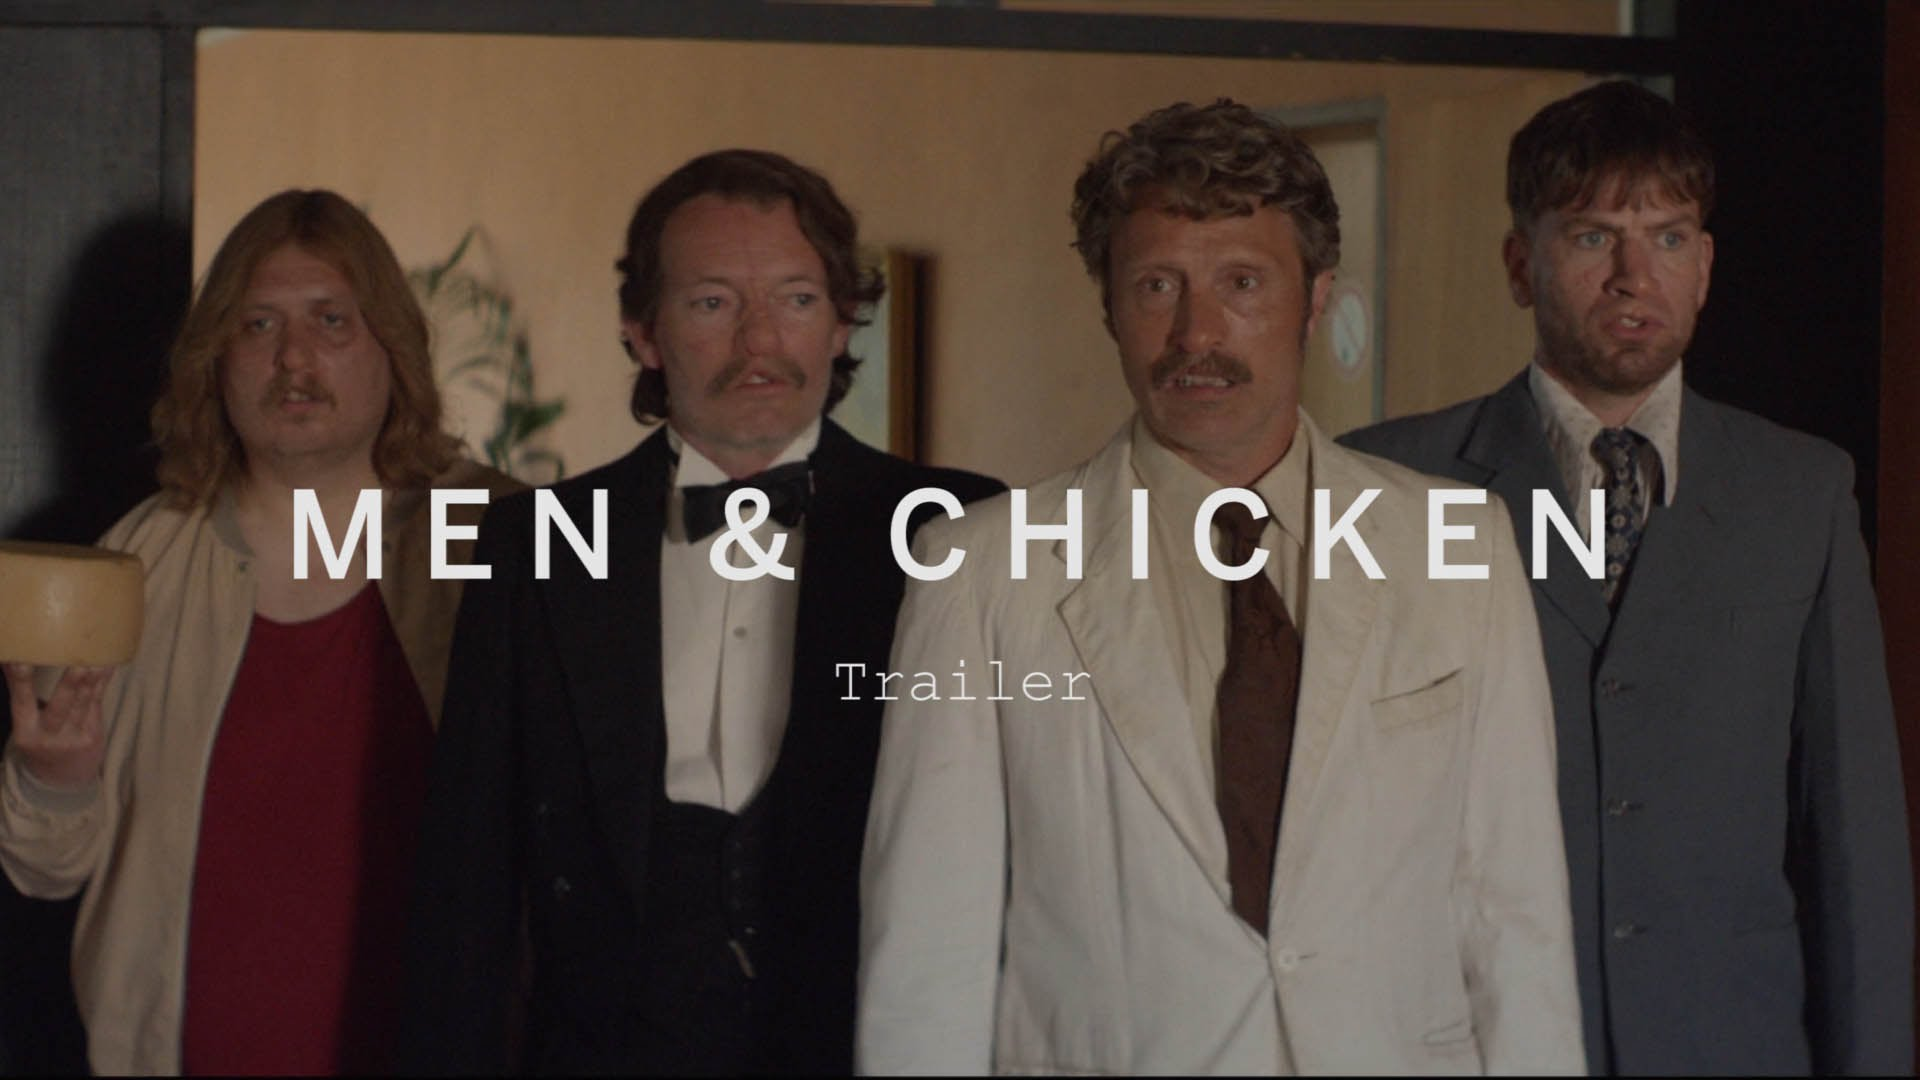 Men & Chicken Trailer